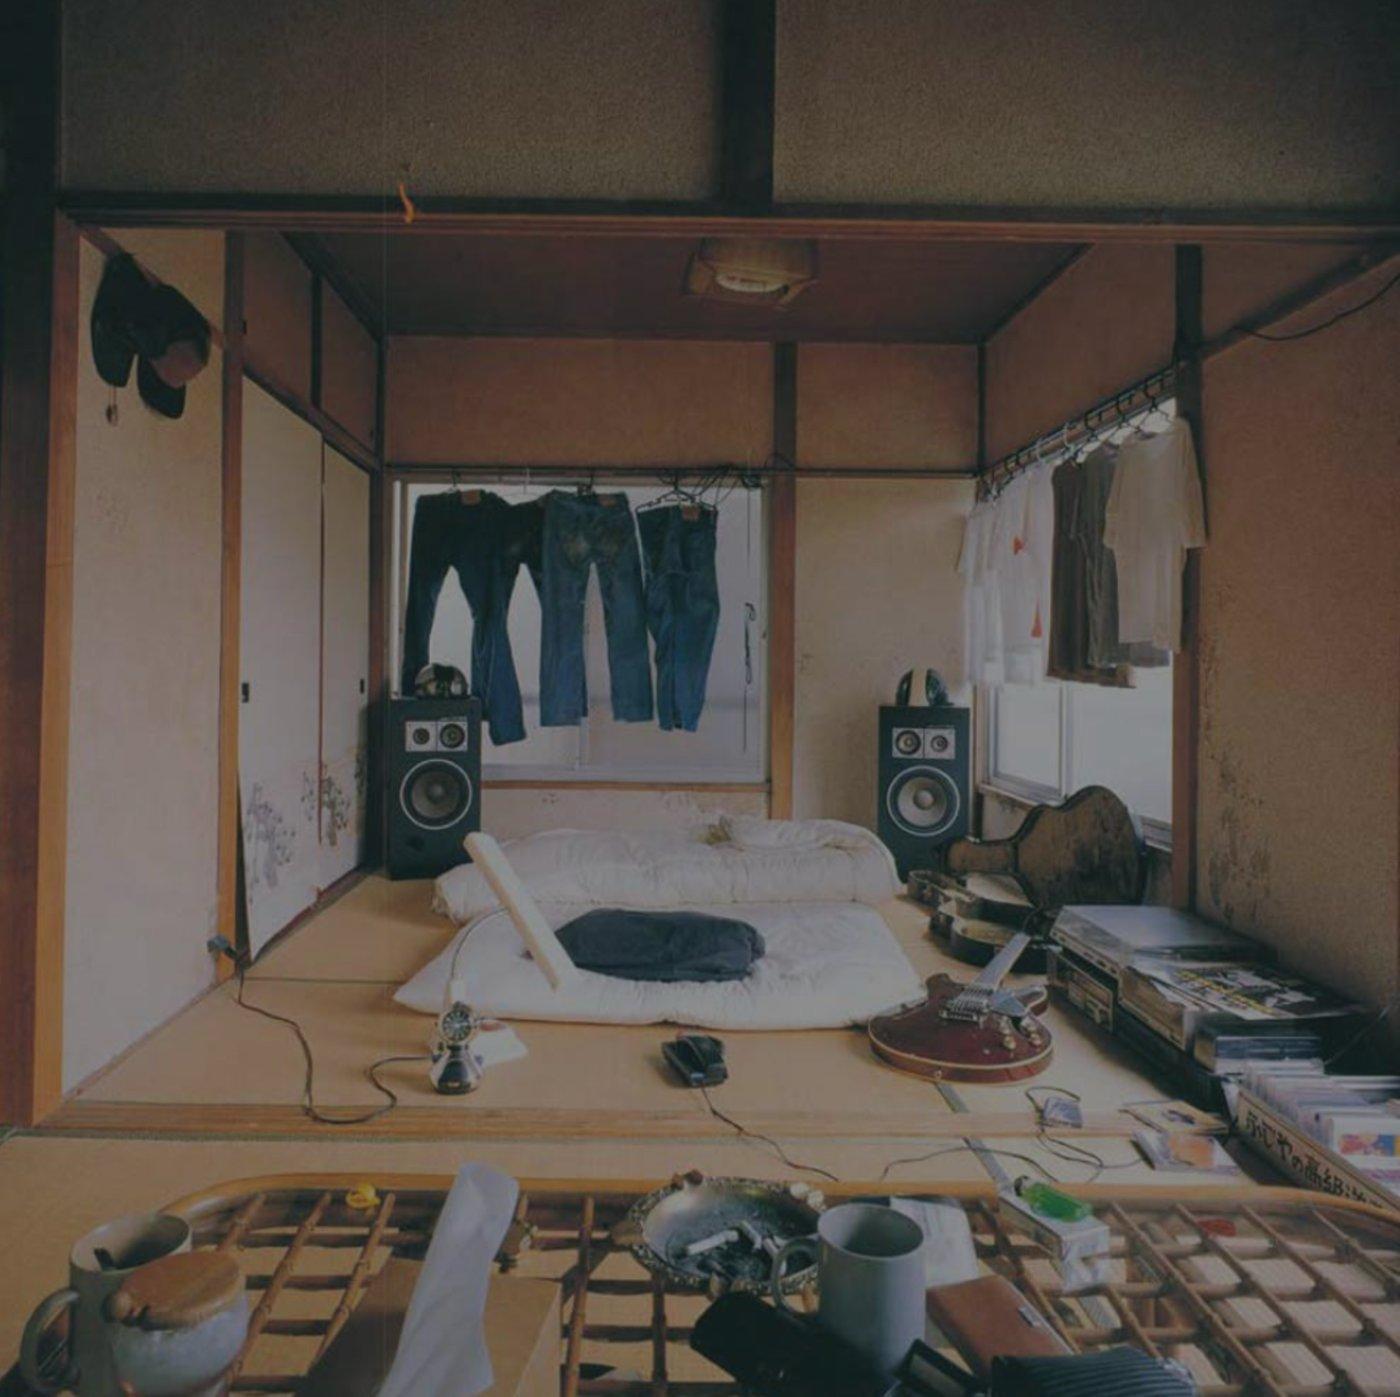 """(来源:《东京风格》,一位""""东京飘""""打工者租的房子,他立志成为音乐家,但目前尚不出名,因此除雨天以外,他都会在建筑工地干活维持生计。)"""